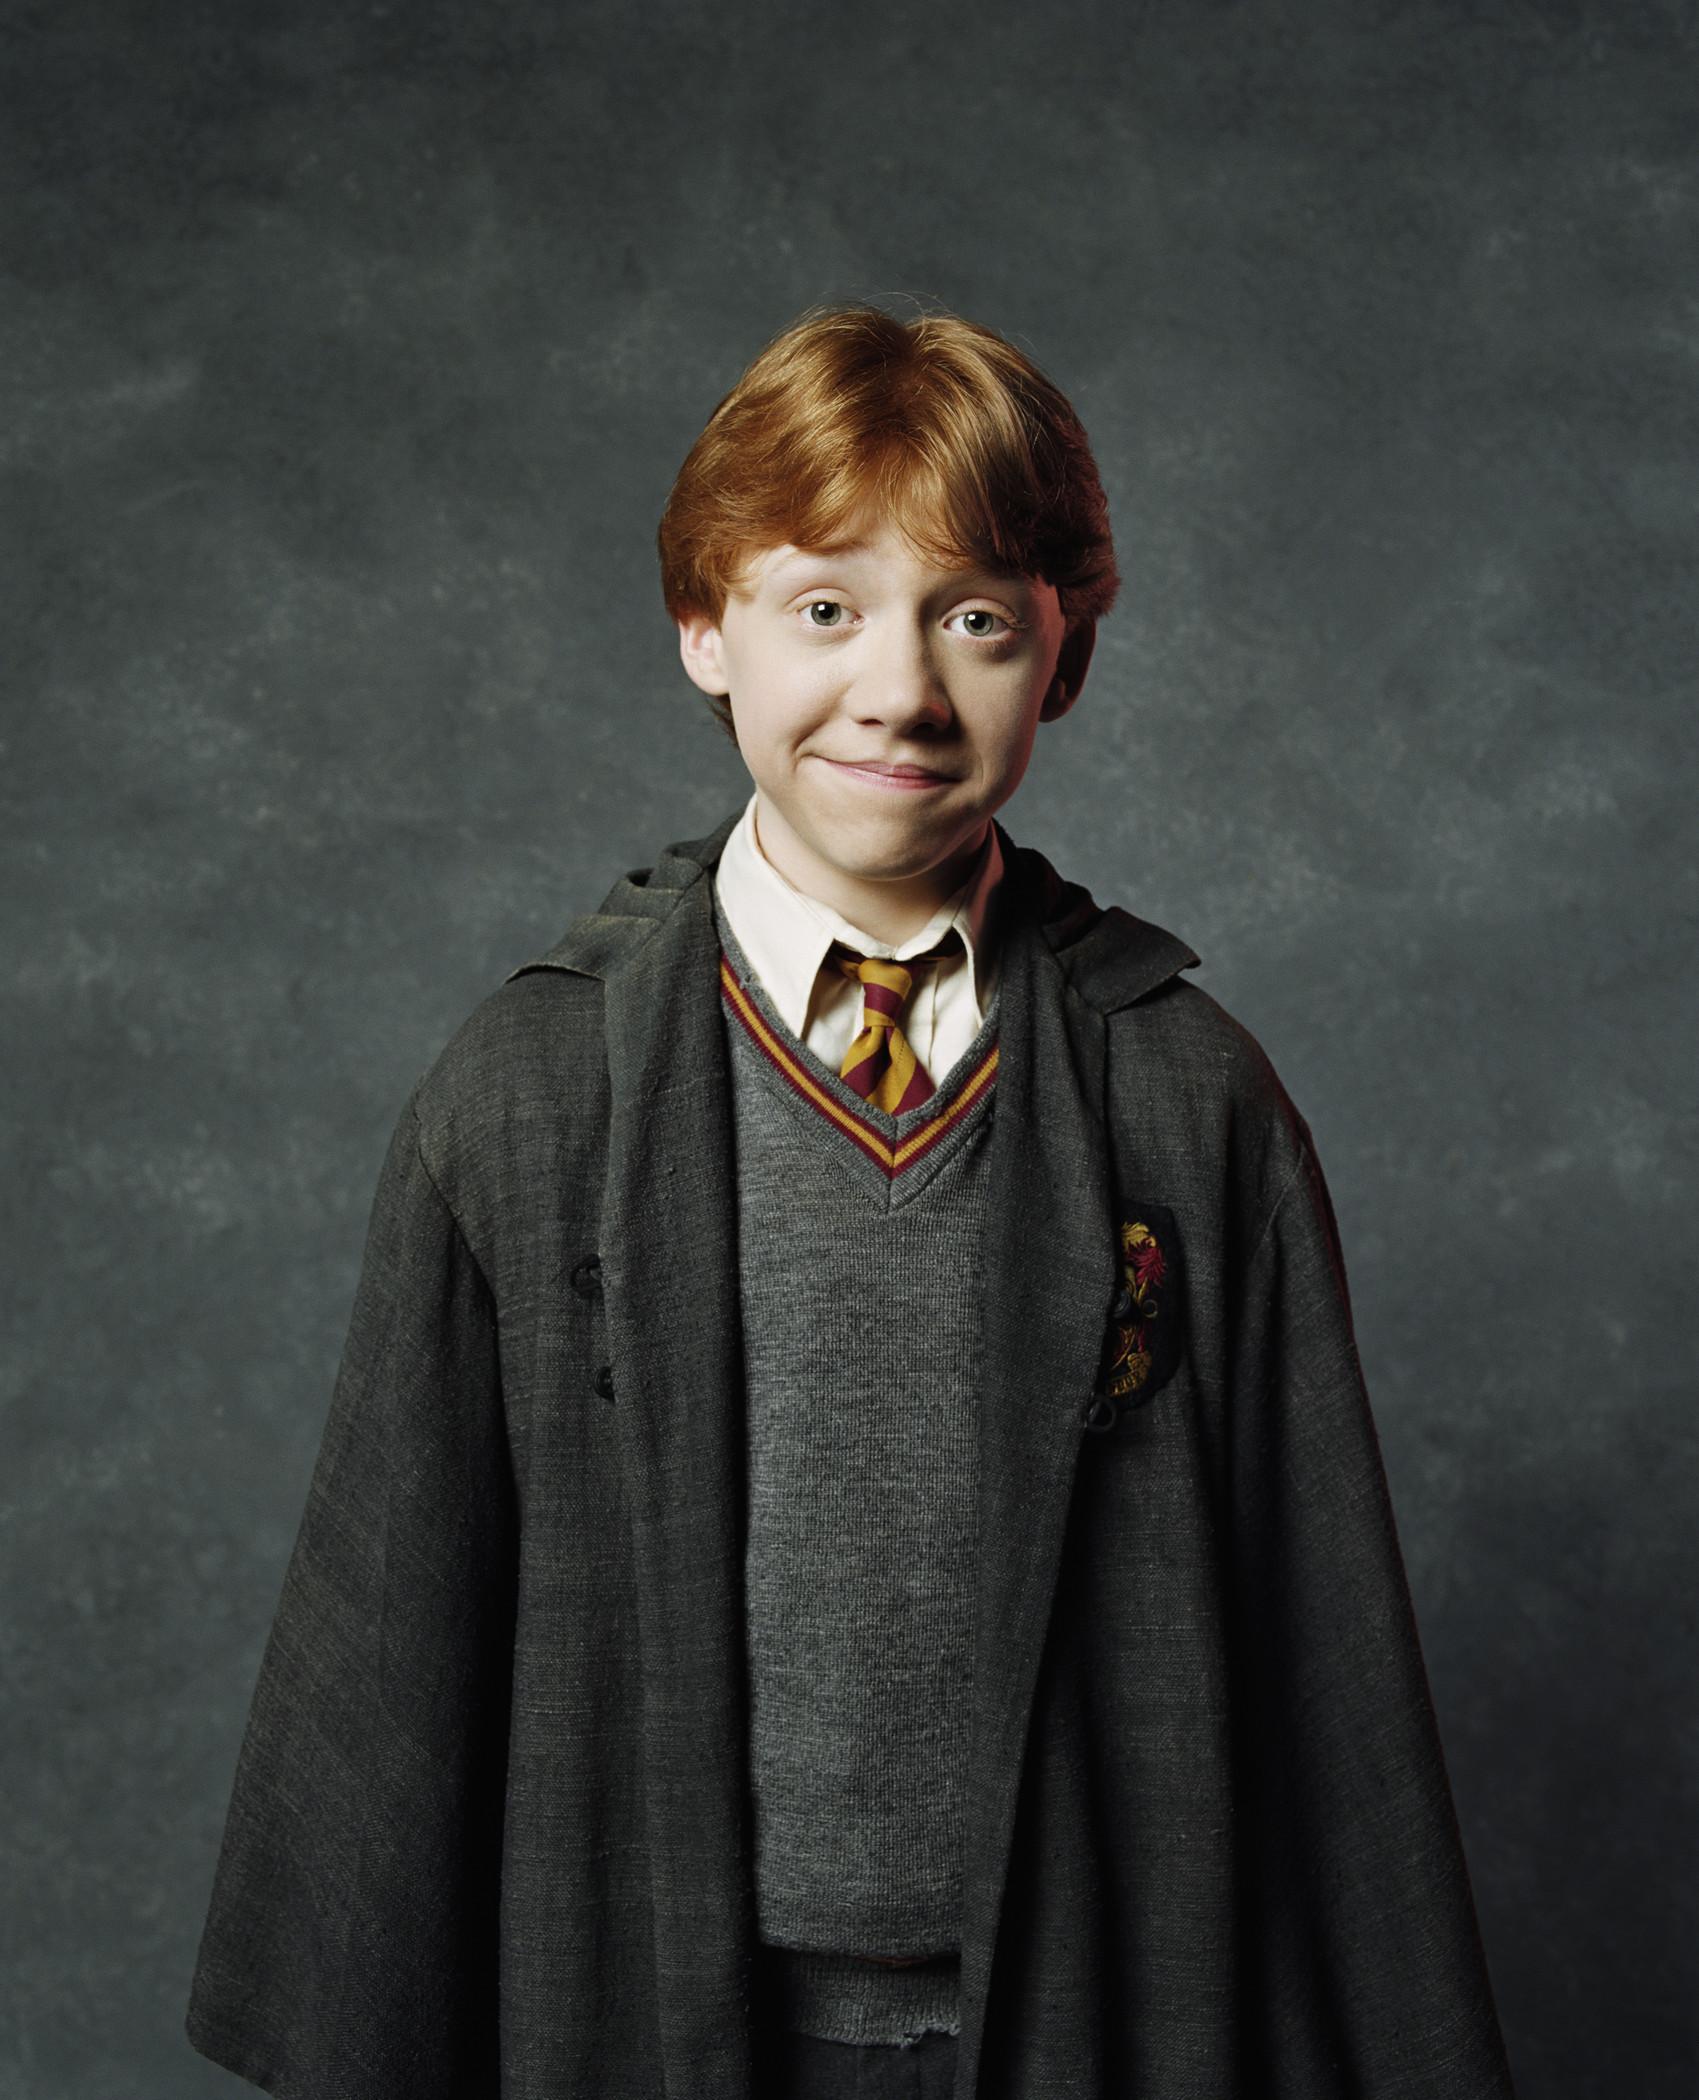 Ronald Weasley - Ronald Weasley Photo (16503004) - Fanpop Rupert Grint